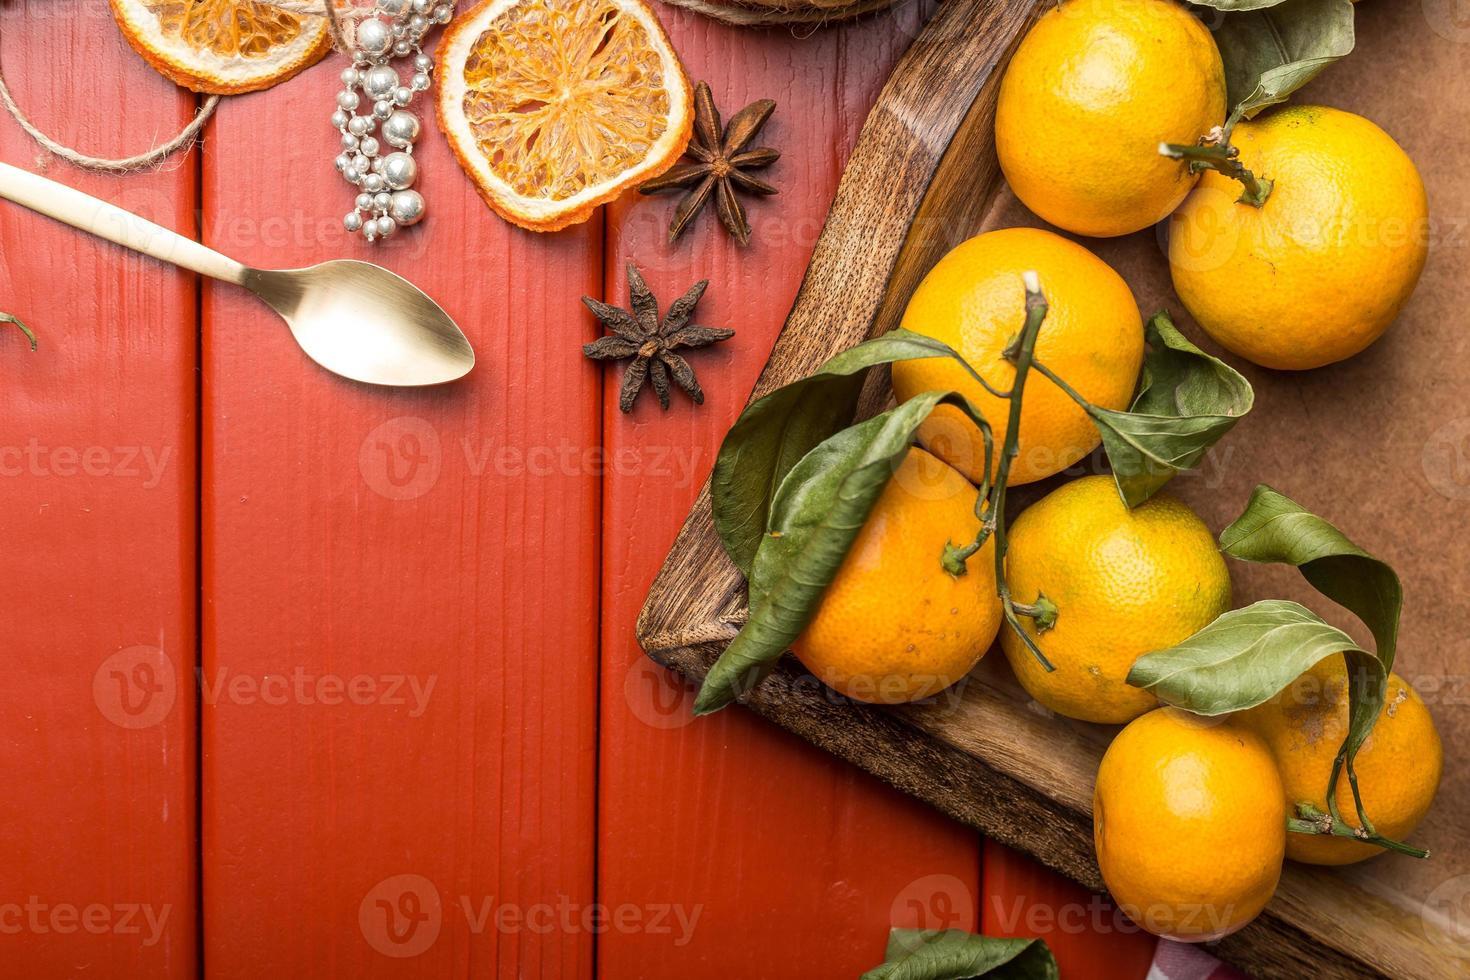 cadre de nourriture de Noël photo